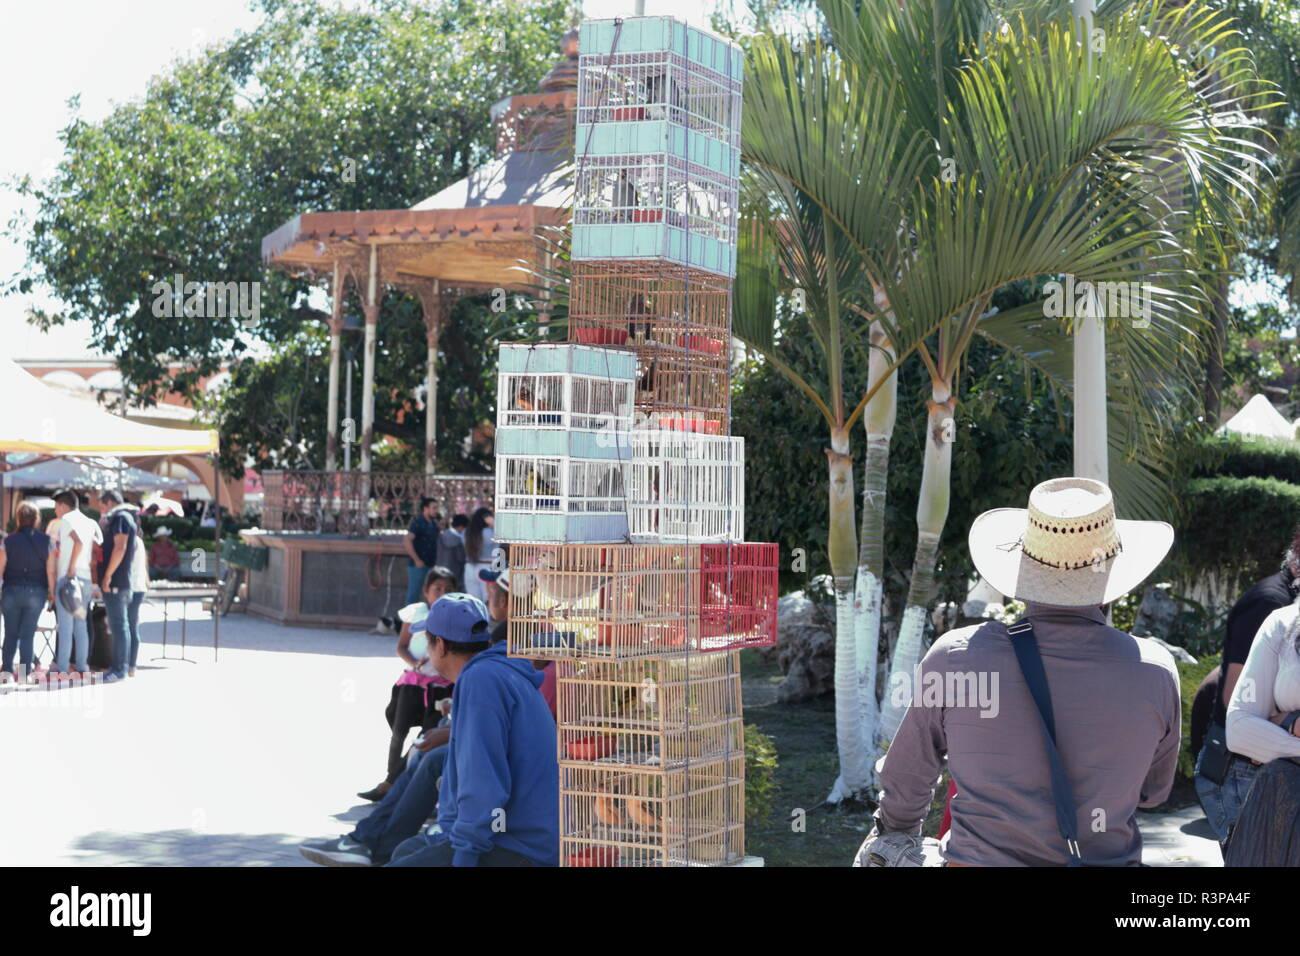 mercado municipal de Chapala Jalisco foto en la que se muestra un pajarero vendiendo en la plaza del mercado rodeado de gente que camina por el lugar - Stock Image